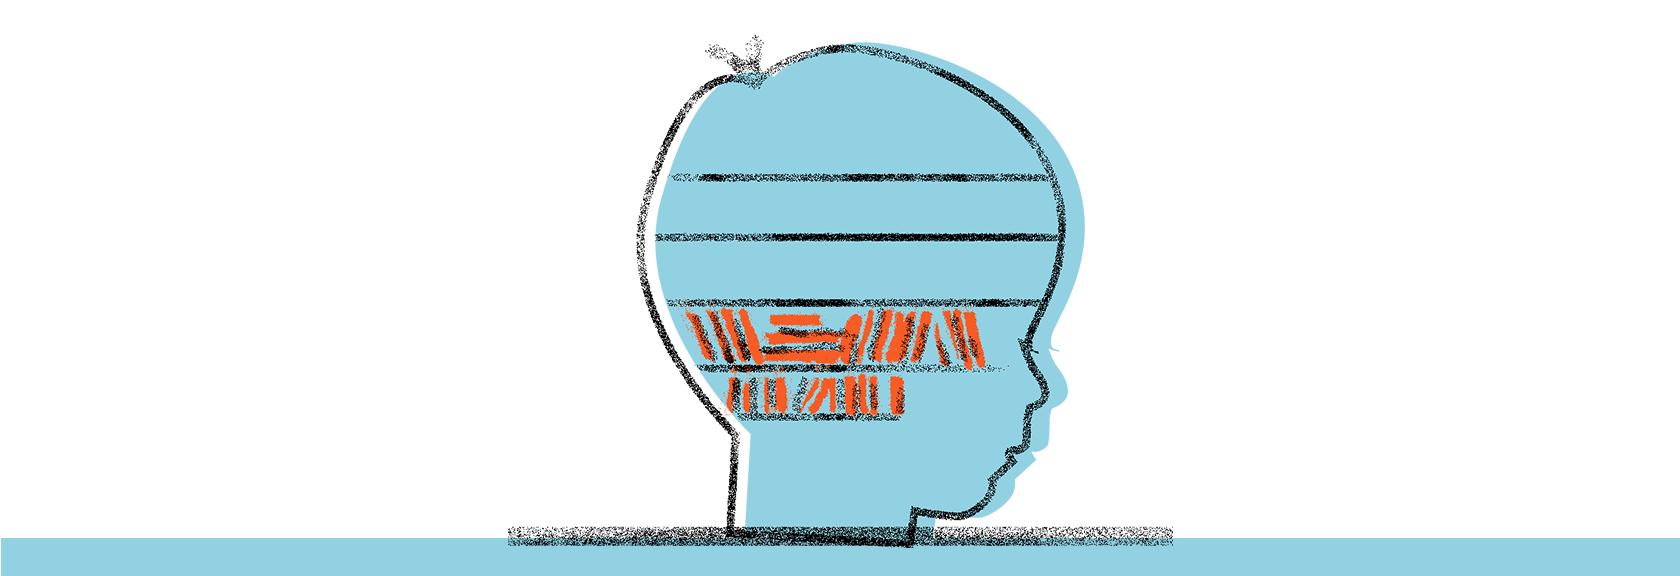 book_brain2